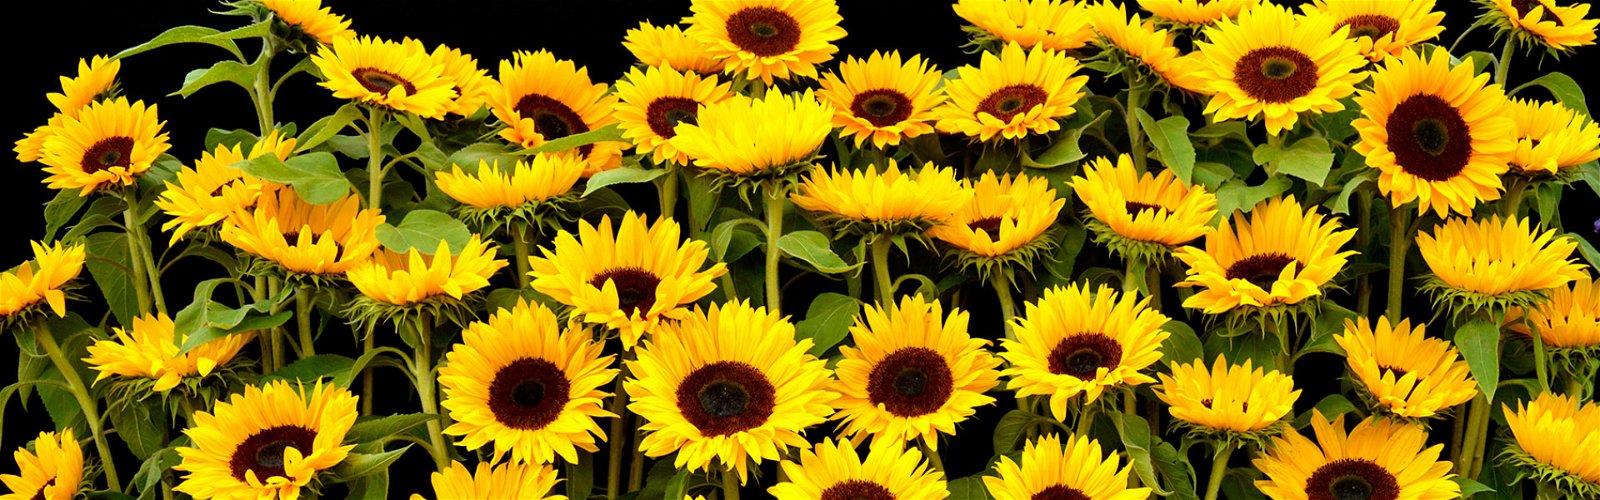 Gule sommerblomster